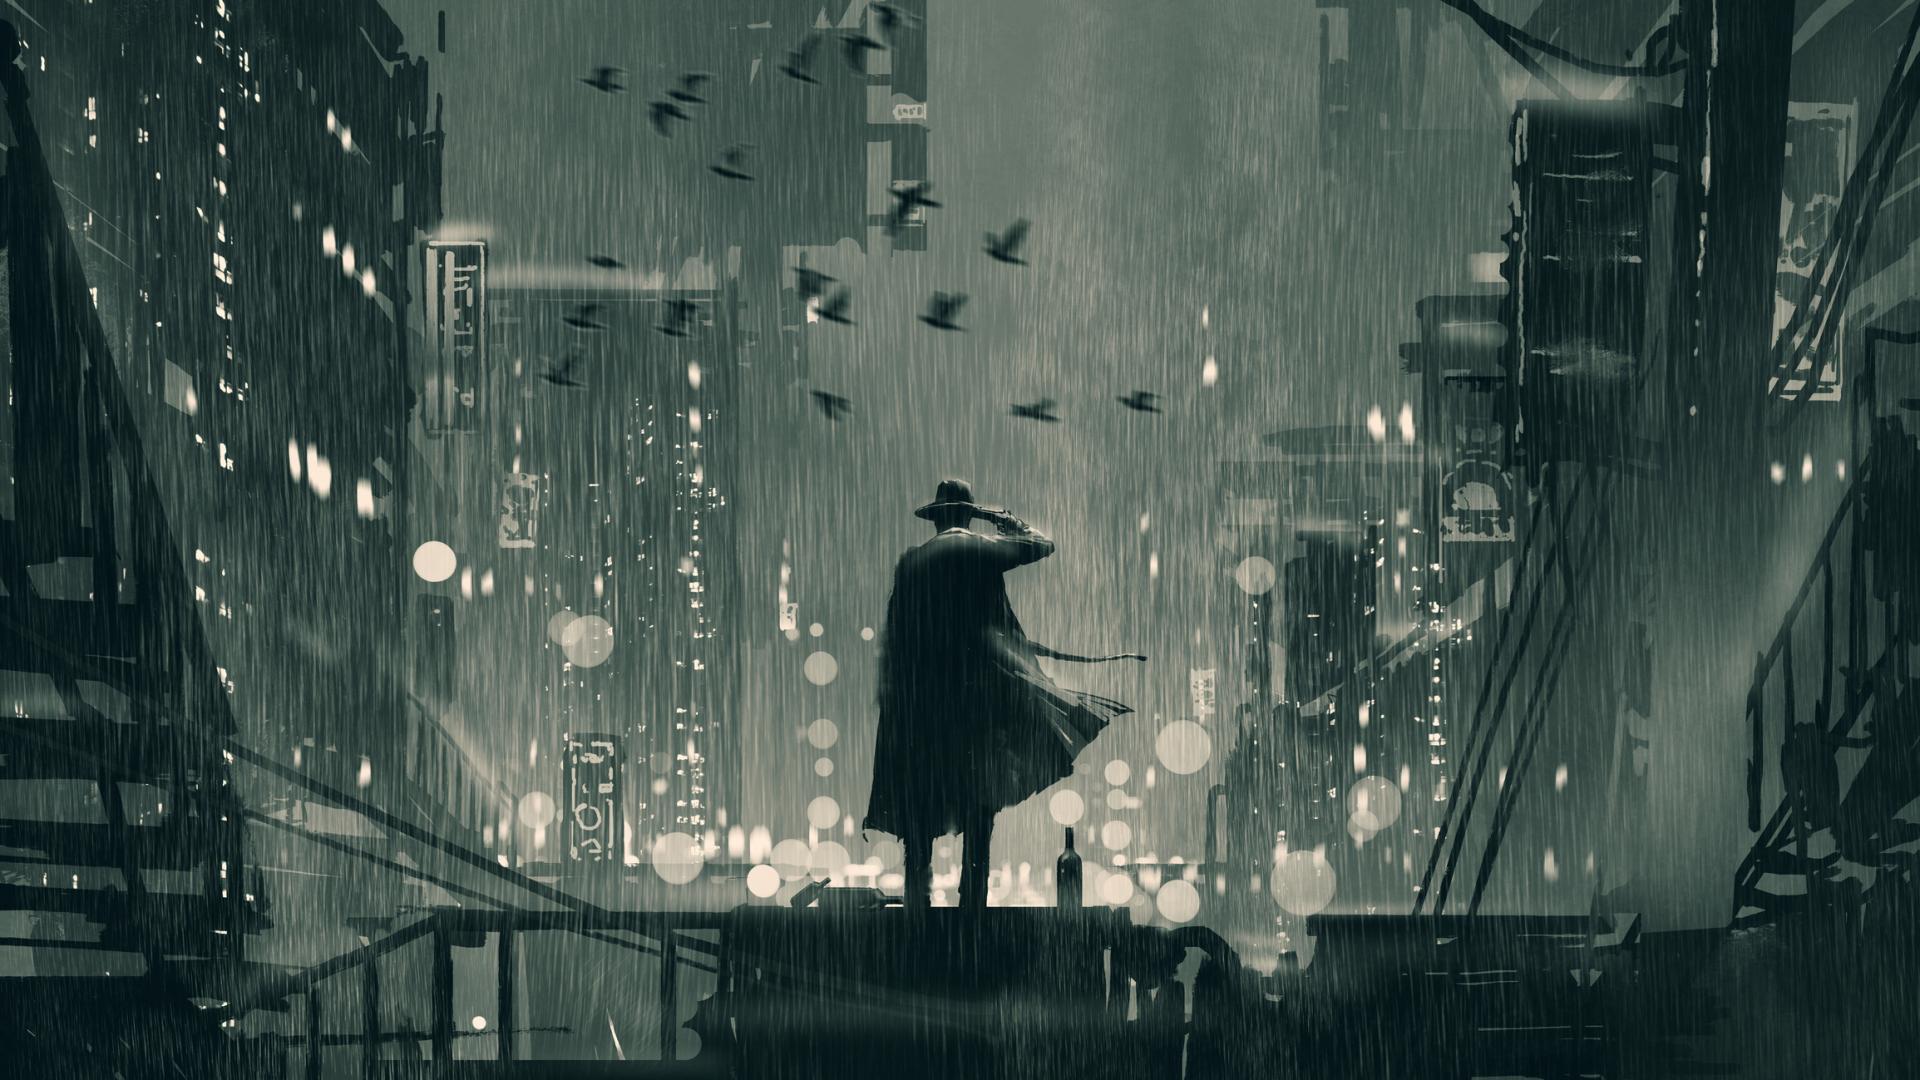 Detektiv in einer grauen Stadt, Grafik